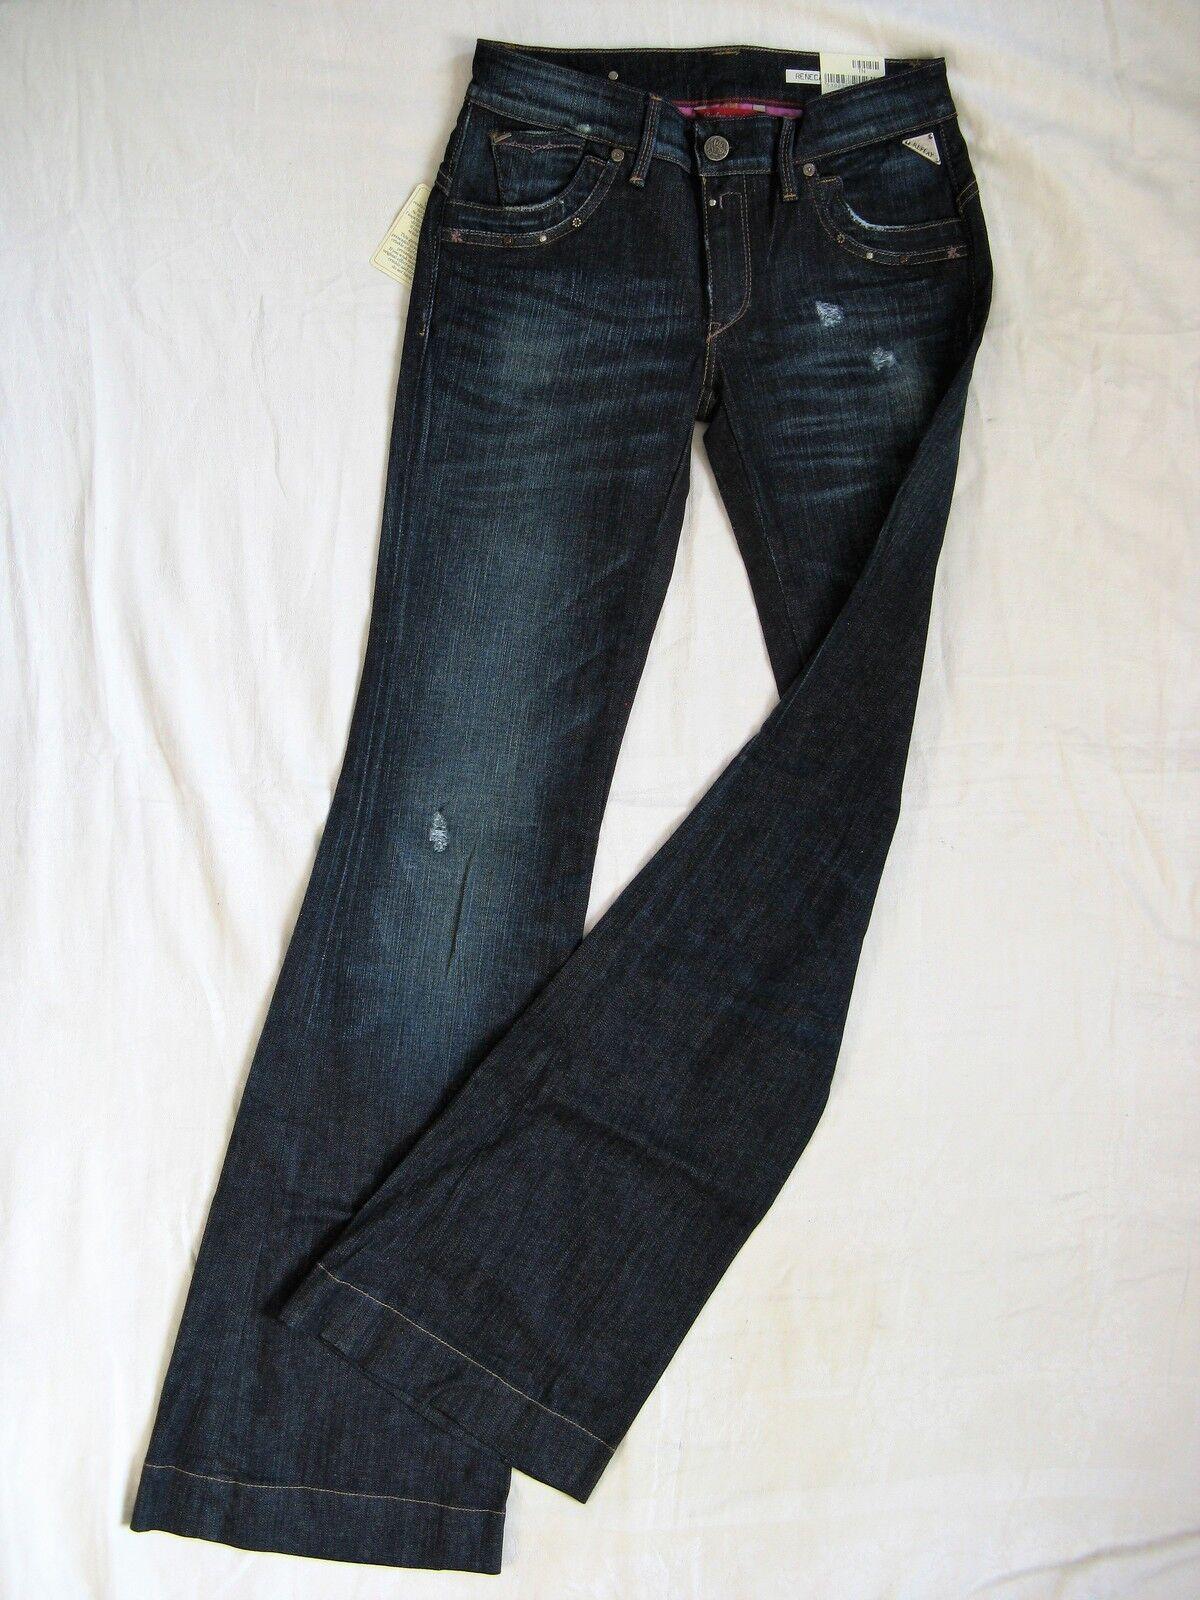 Replay Renecara Damen Blau Jeans Schlag Stretch W27 L34 low waist slim fit flare | Auf Verkauf  | Jeder beschriebene Artikel ist verfügbar  | Erlesene Materialien  | Großer Verkauf  | Sorgfältig ausgewählte Materialien